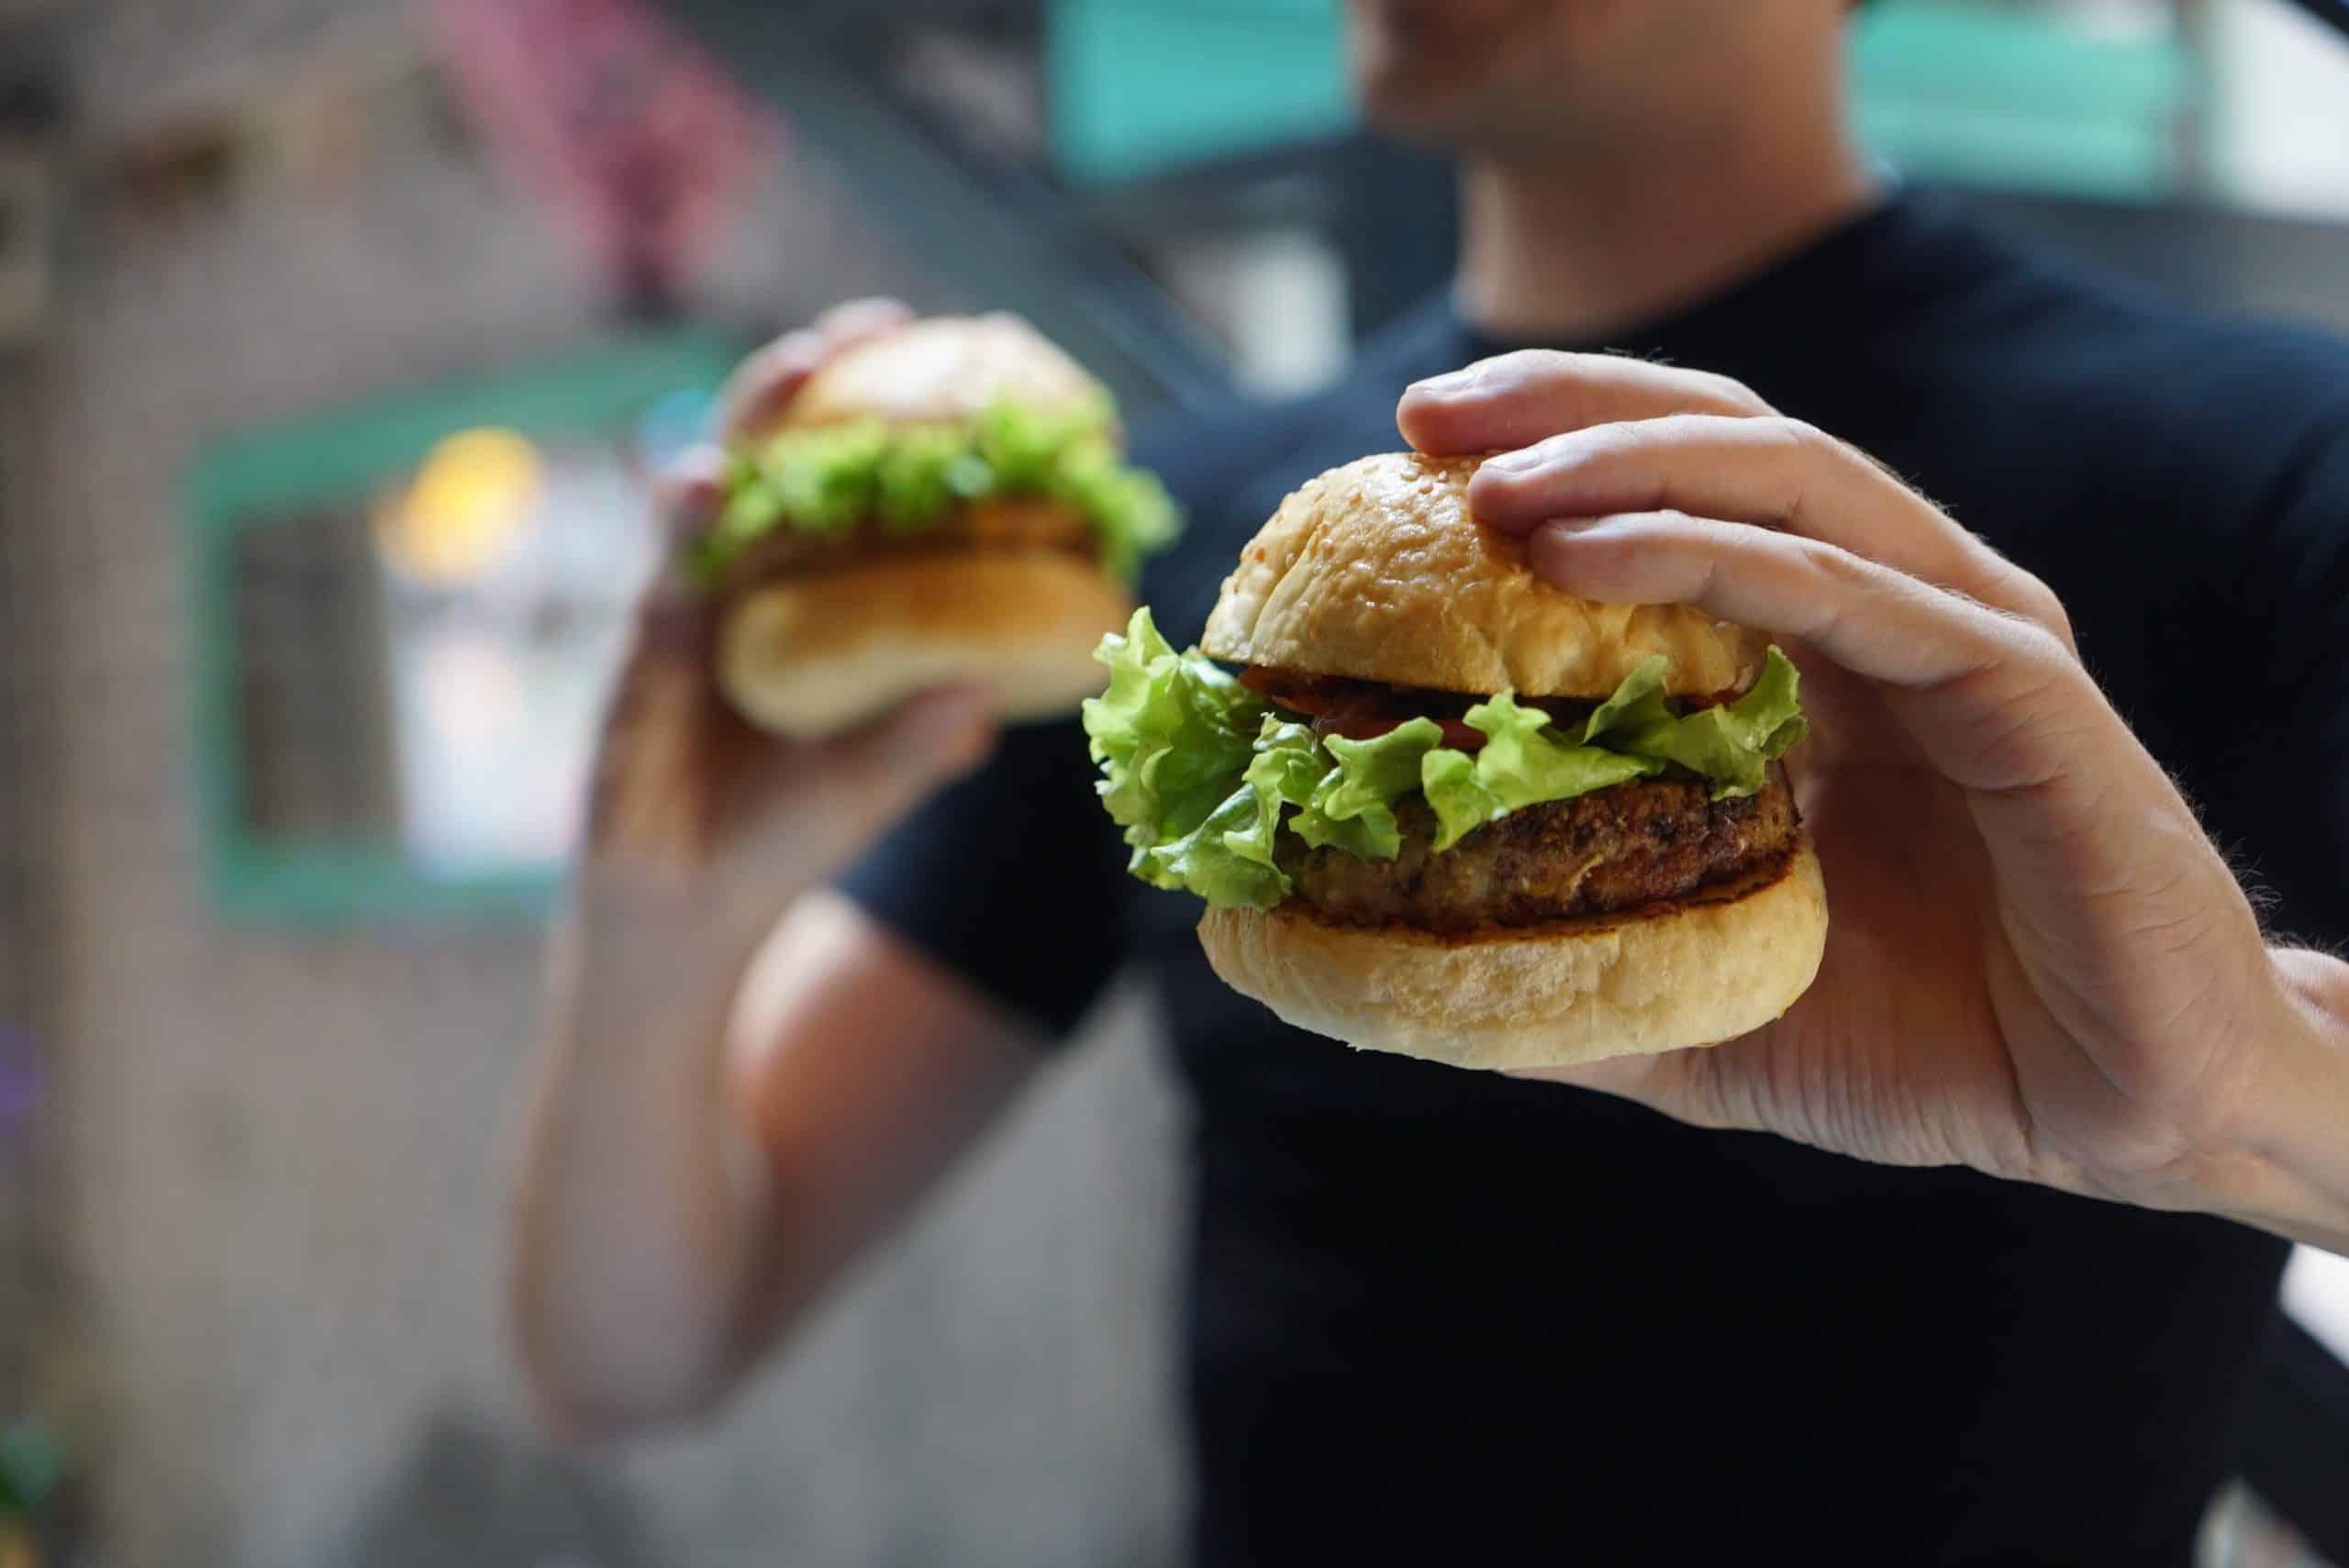 Fotografia de uma pessoa segurando dois sanduíches